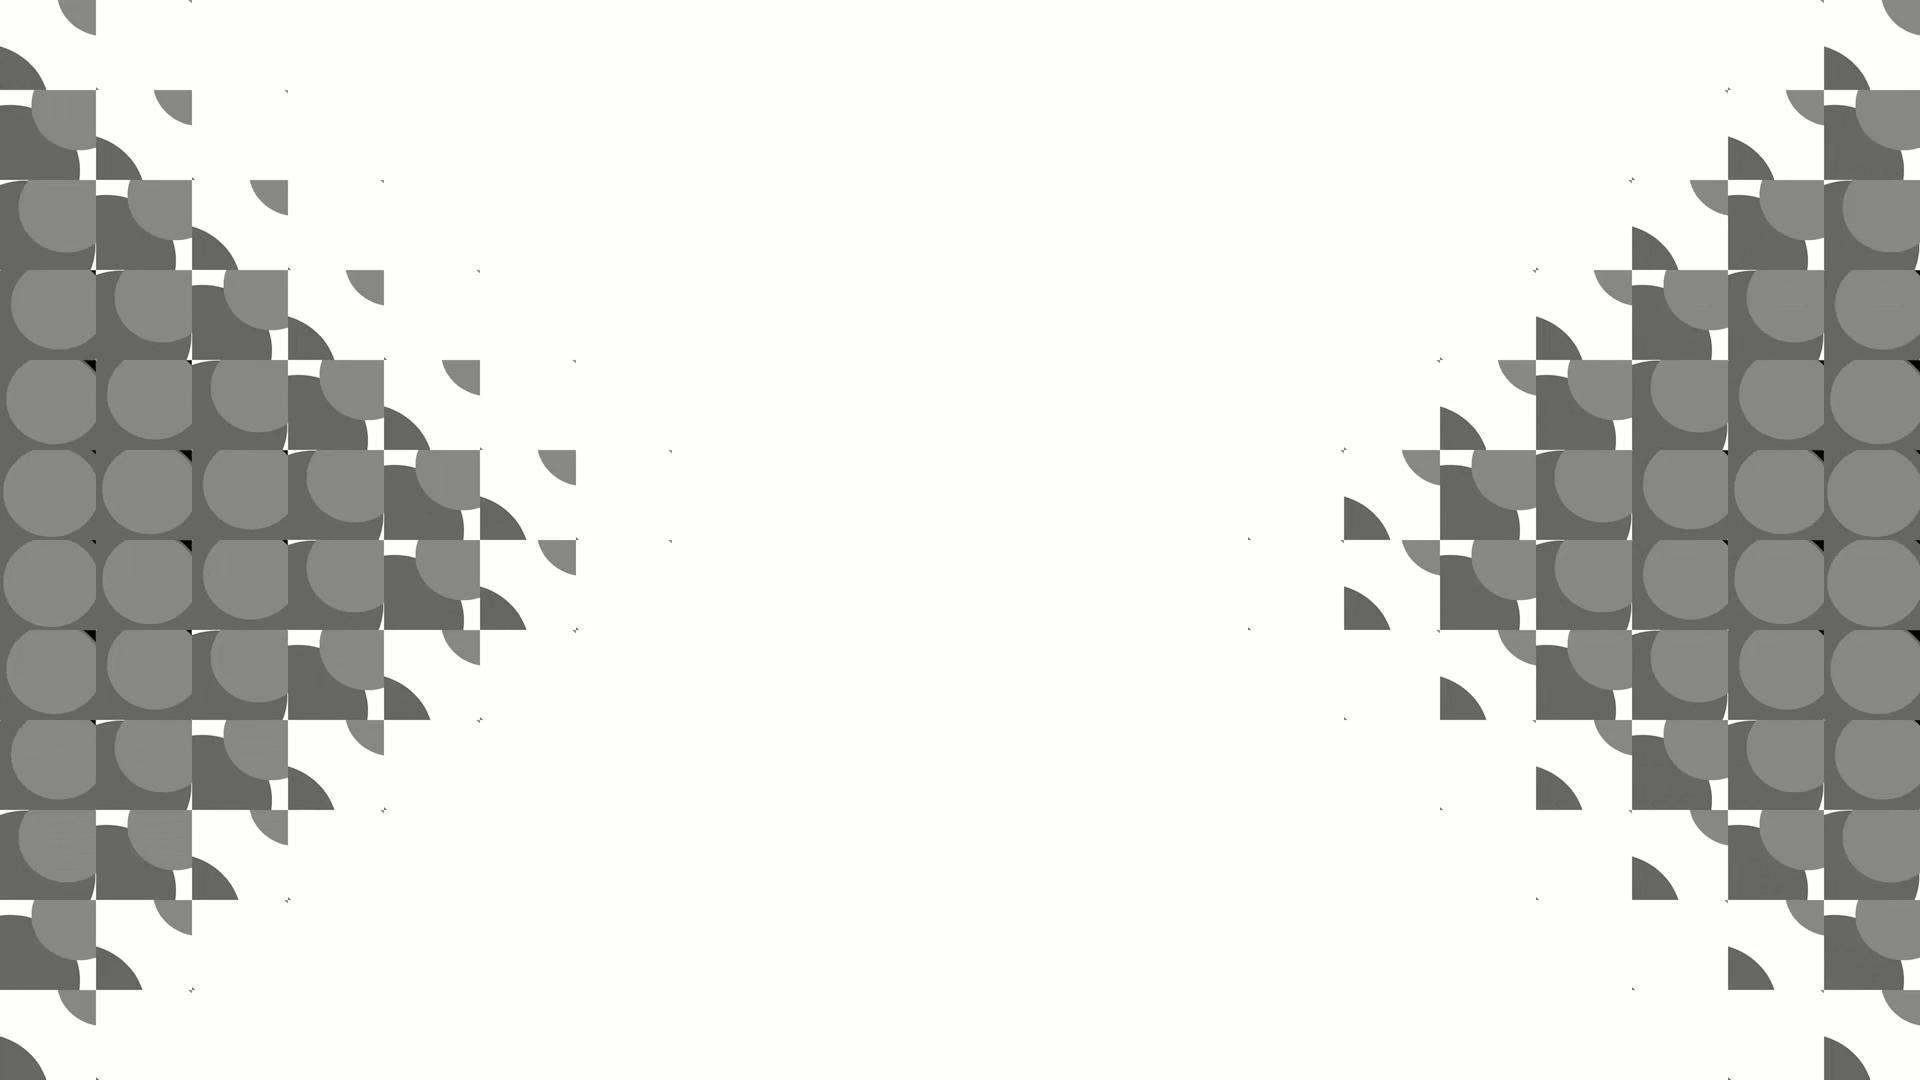 几何圆过渡素材1